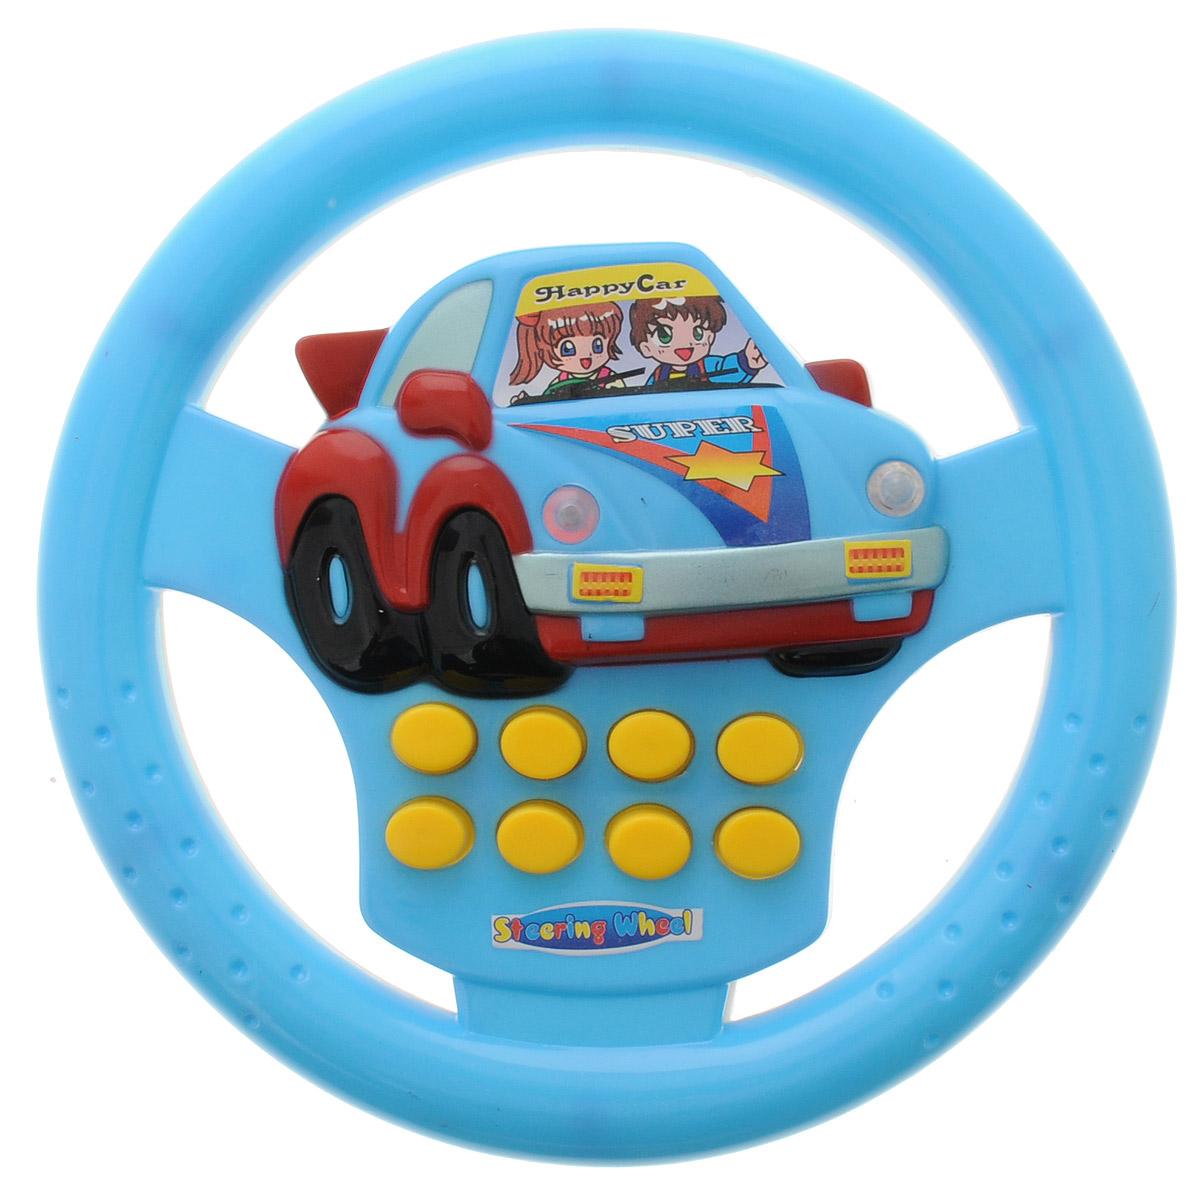 """Развивающая игрушка """"Руль"""" надолго займет внимание вашего ребенка. Она выполнена из безопасного пластика в виде голубого руля автомобиля и оснащена световыми и звуковыми эффектами. На руле расположены 8 кнопок, которые активирует различные световые и звуковые эффекты, например, клаксон, шум мотора. Развивающая игрушка """"Руль"""" способствует развитию цветового и звукового восприятий, внимания, воображения, сообразительности, памяти, координации движений и мелкой моторики рук. Для работы требуются 2 батарейки типа АА (не входят в комплект)."""